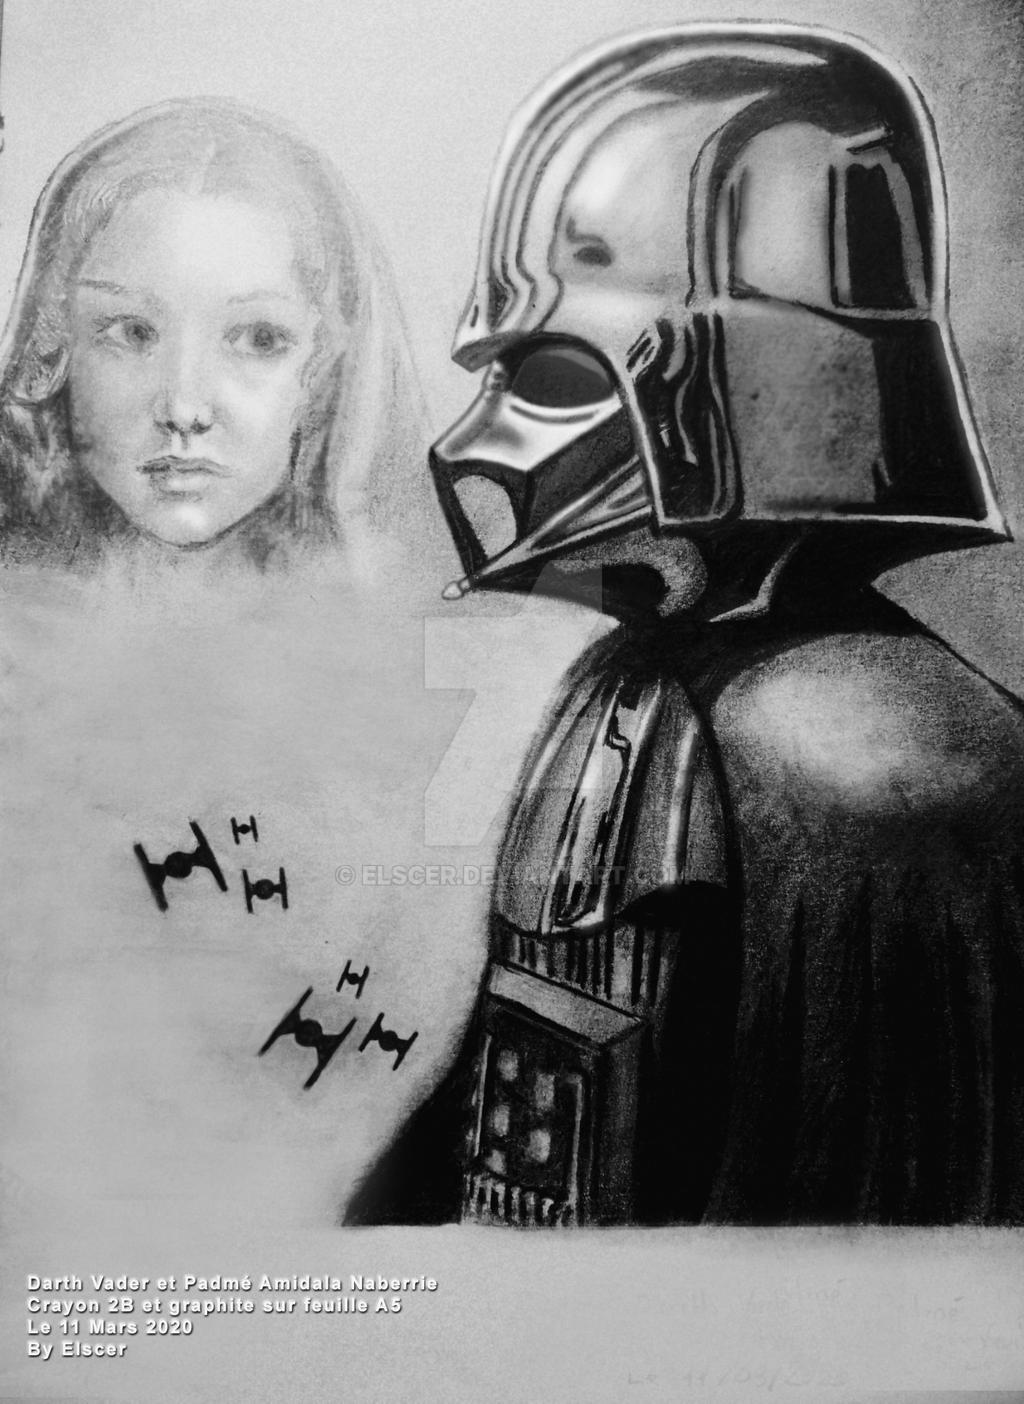 Dessin Star Wars By Elscer On Deviantart